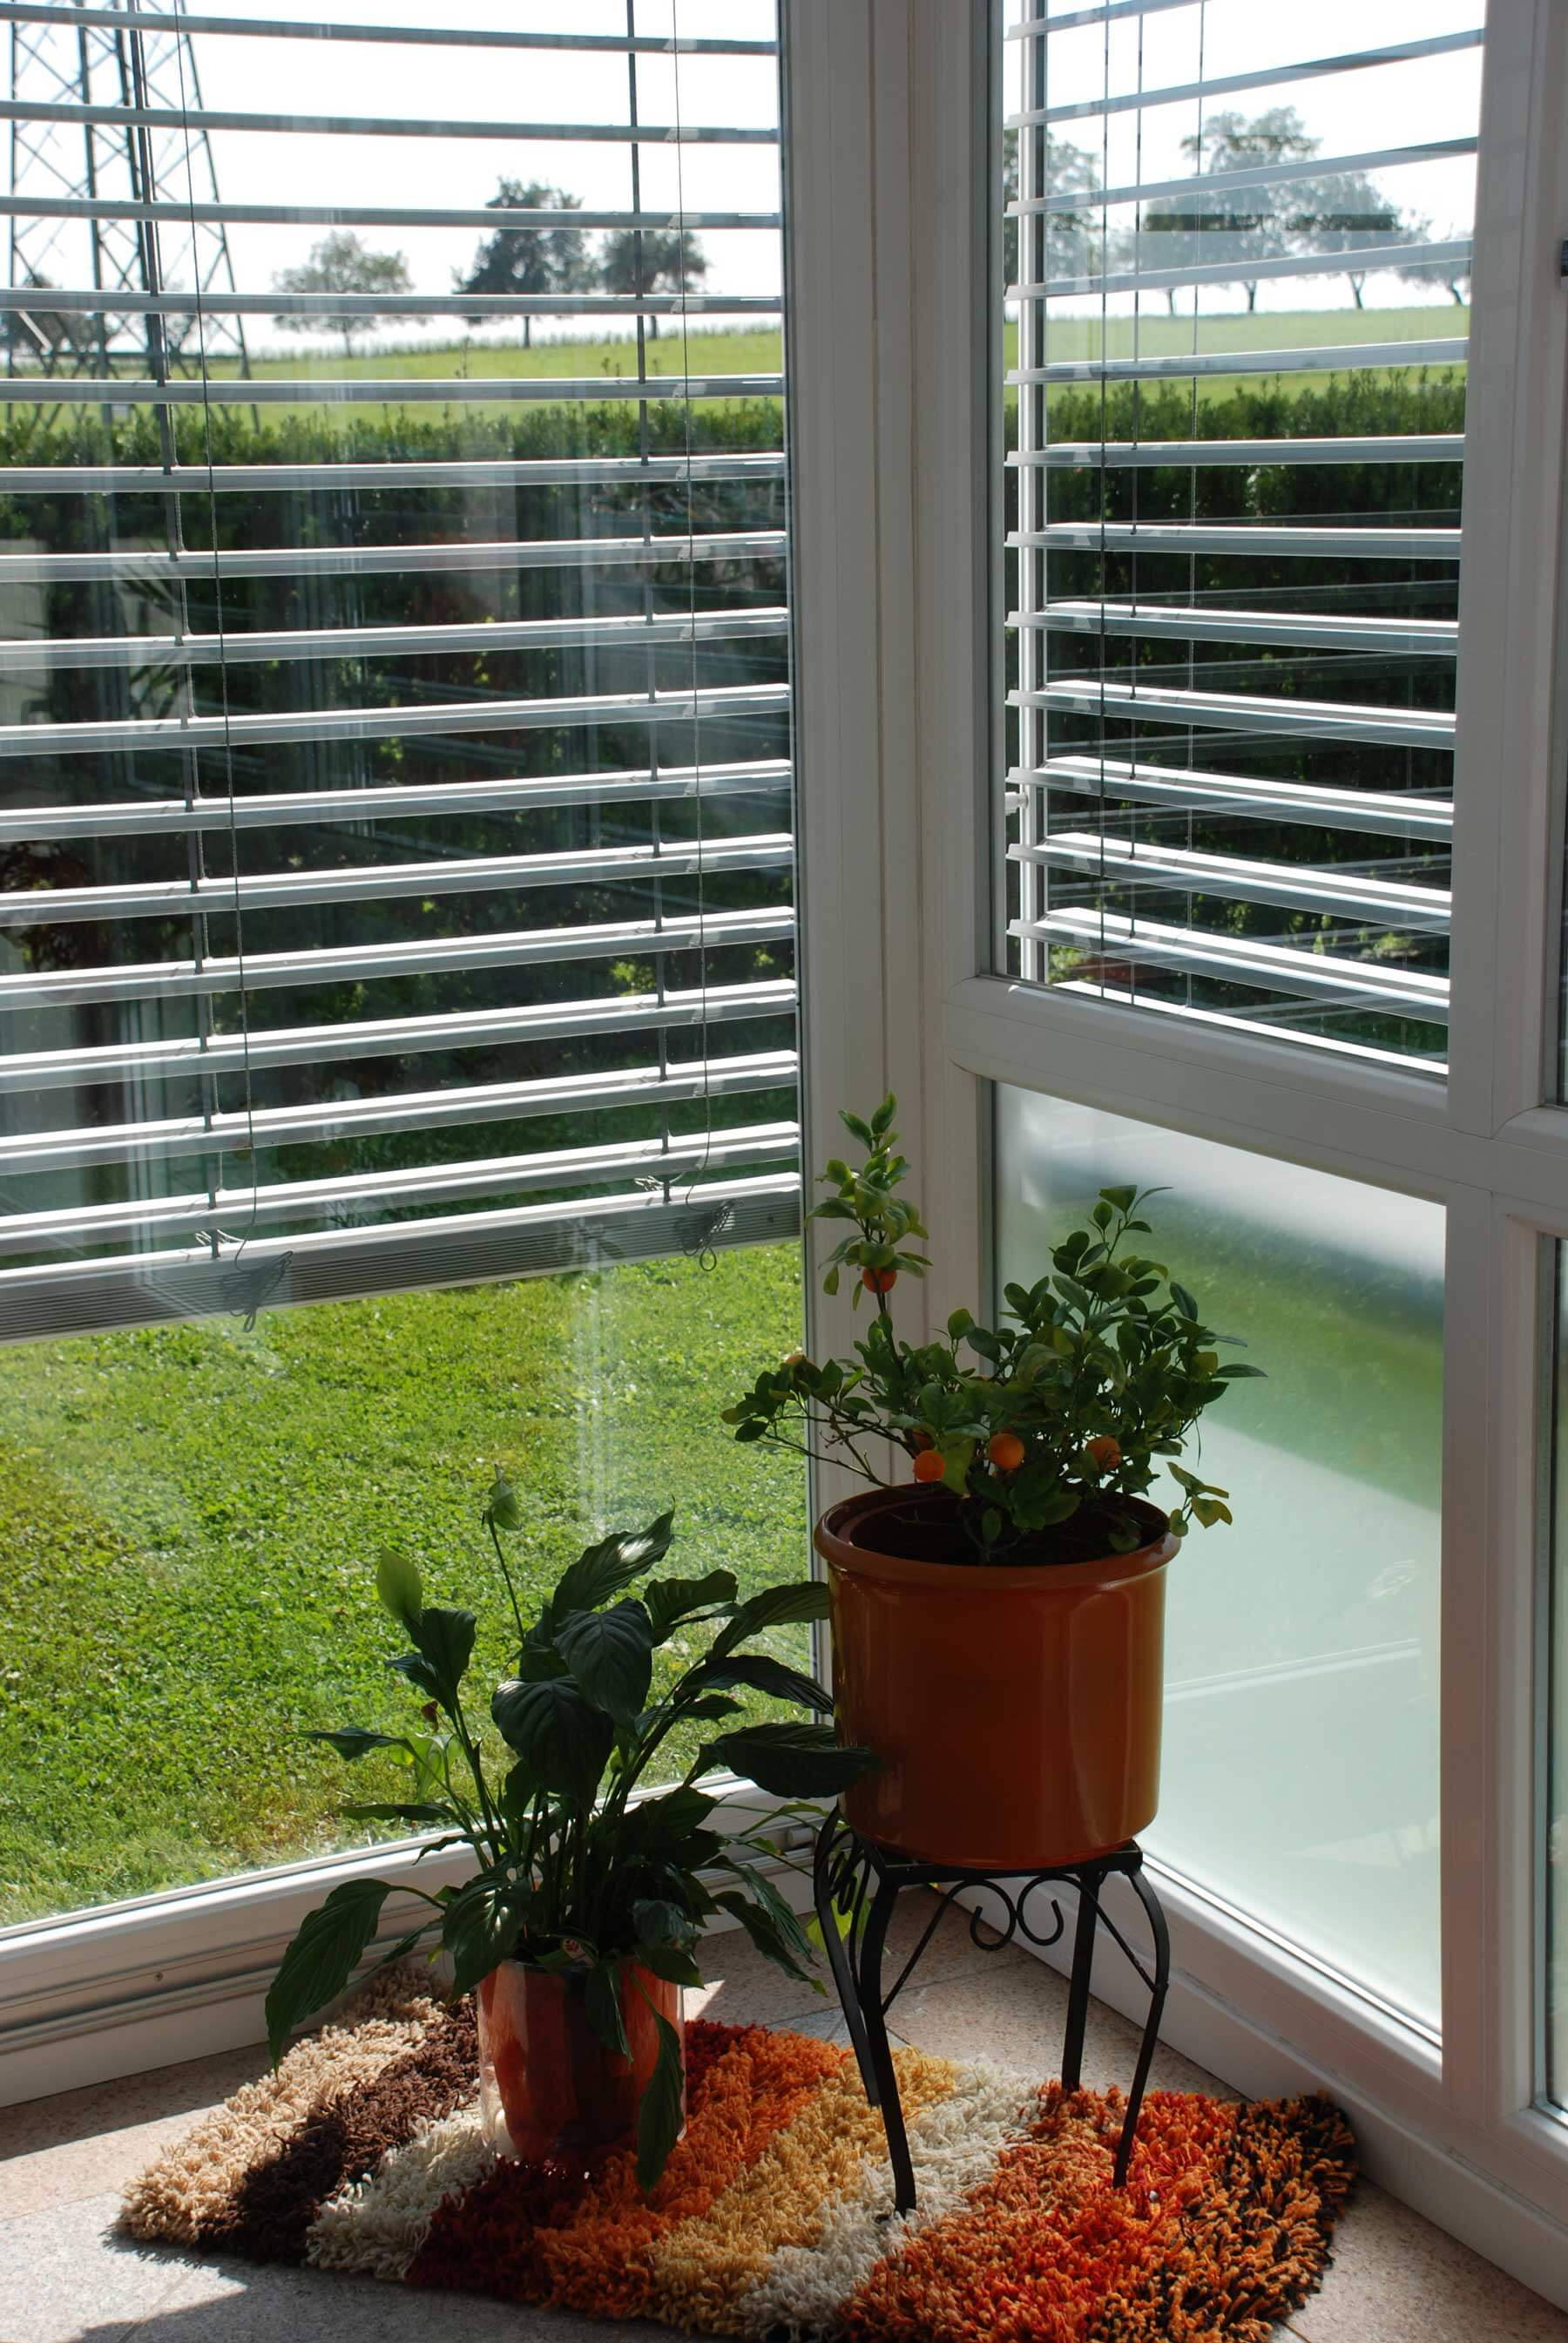 Wintergarten mit Raffstore als Sichtschutz & Sonnenschutz